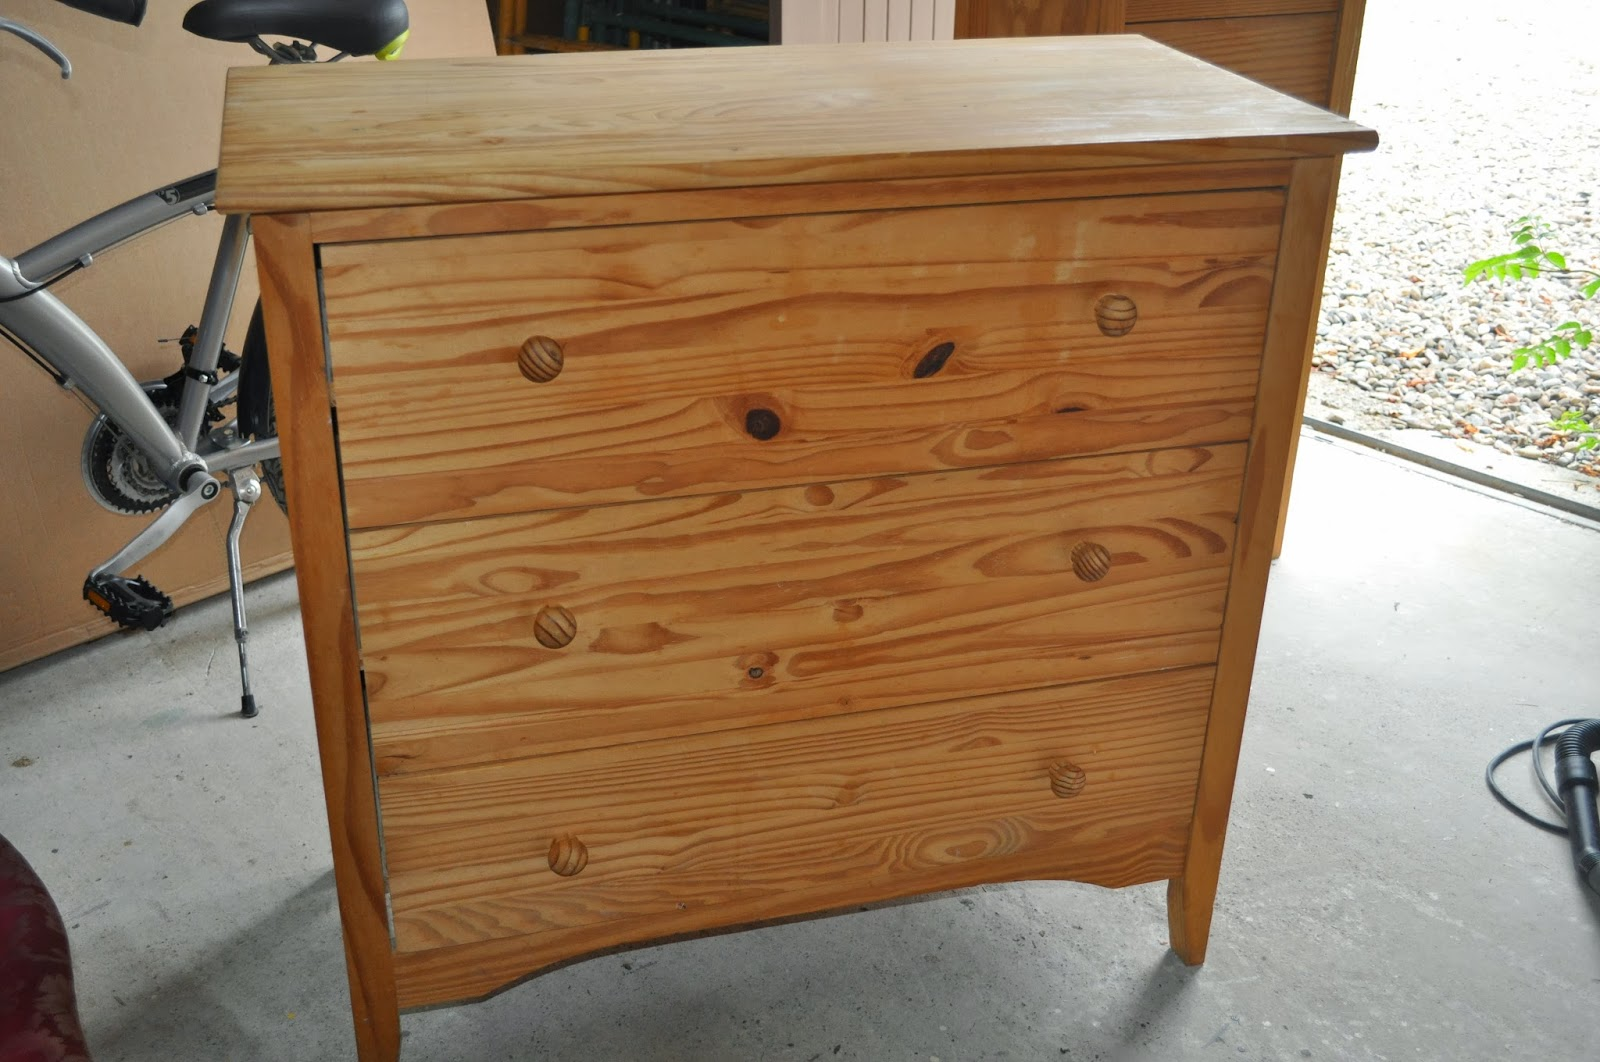 Bois et patines nathalie madrenes - Technique pour peindre un meuble en bois ...